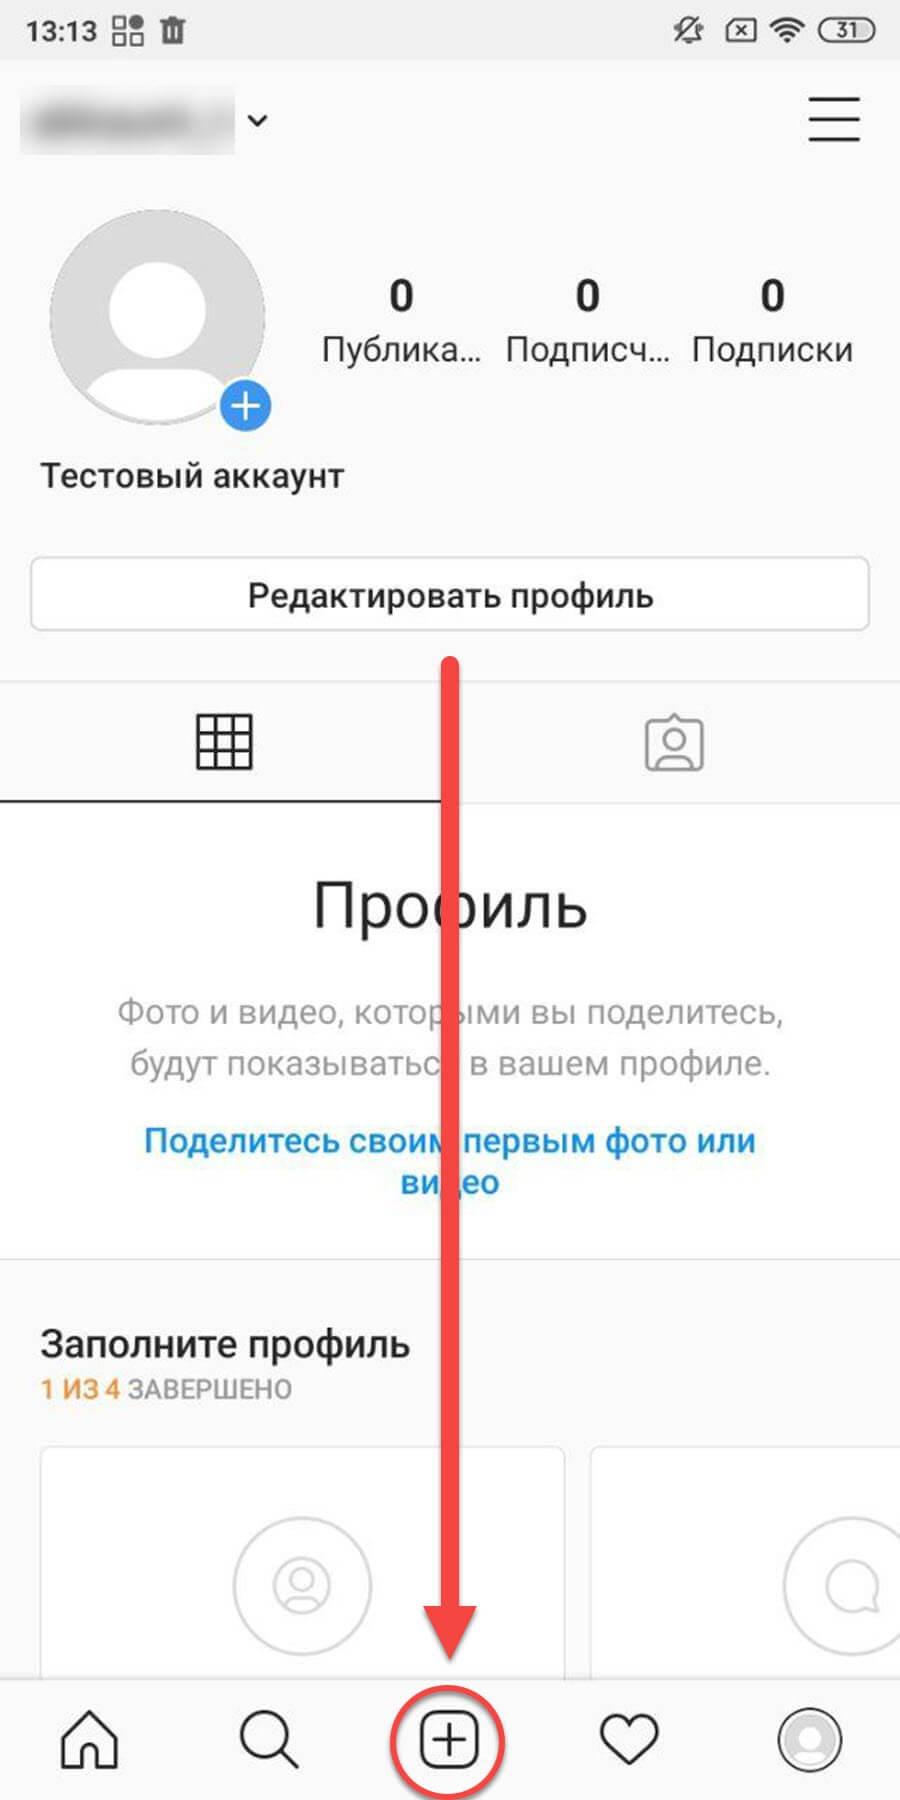 оформление поста в Инстаграм